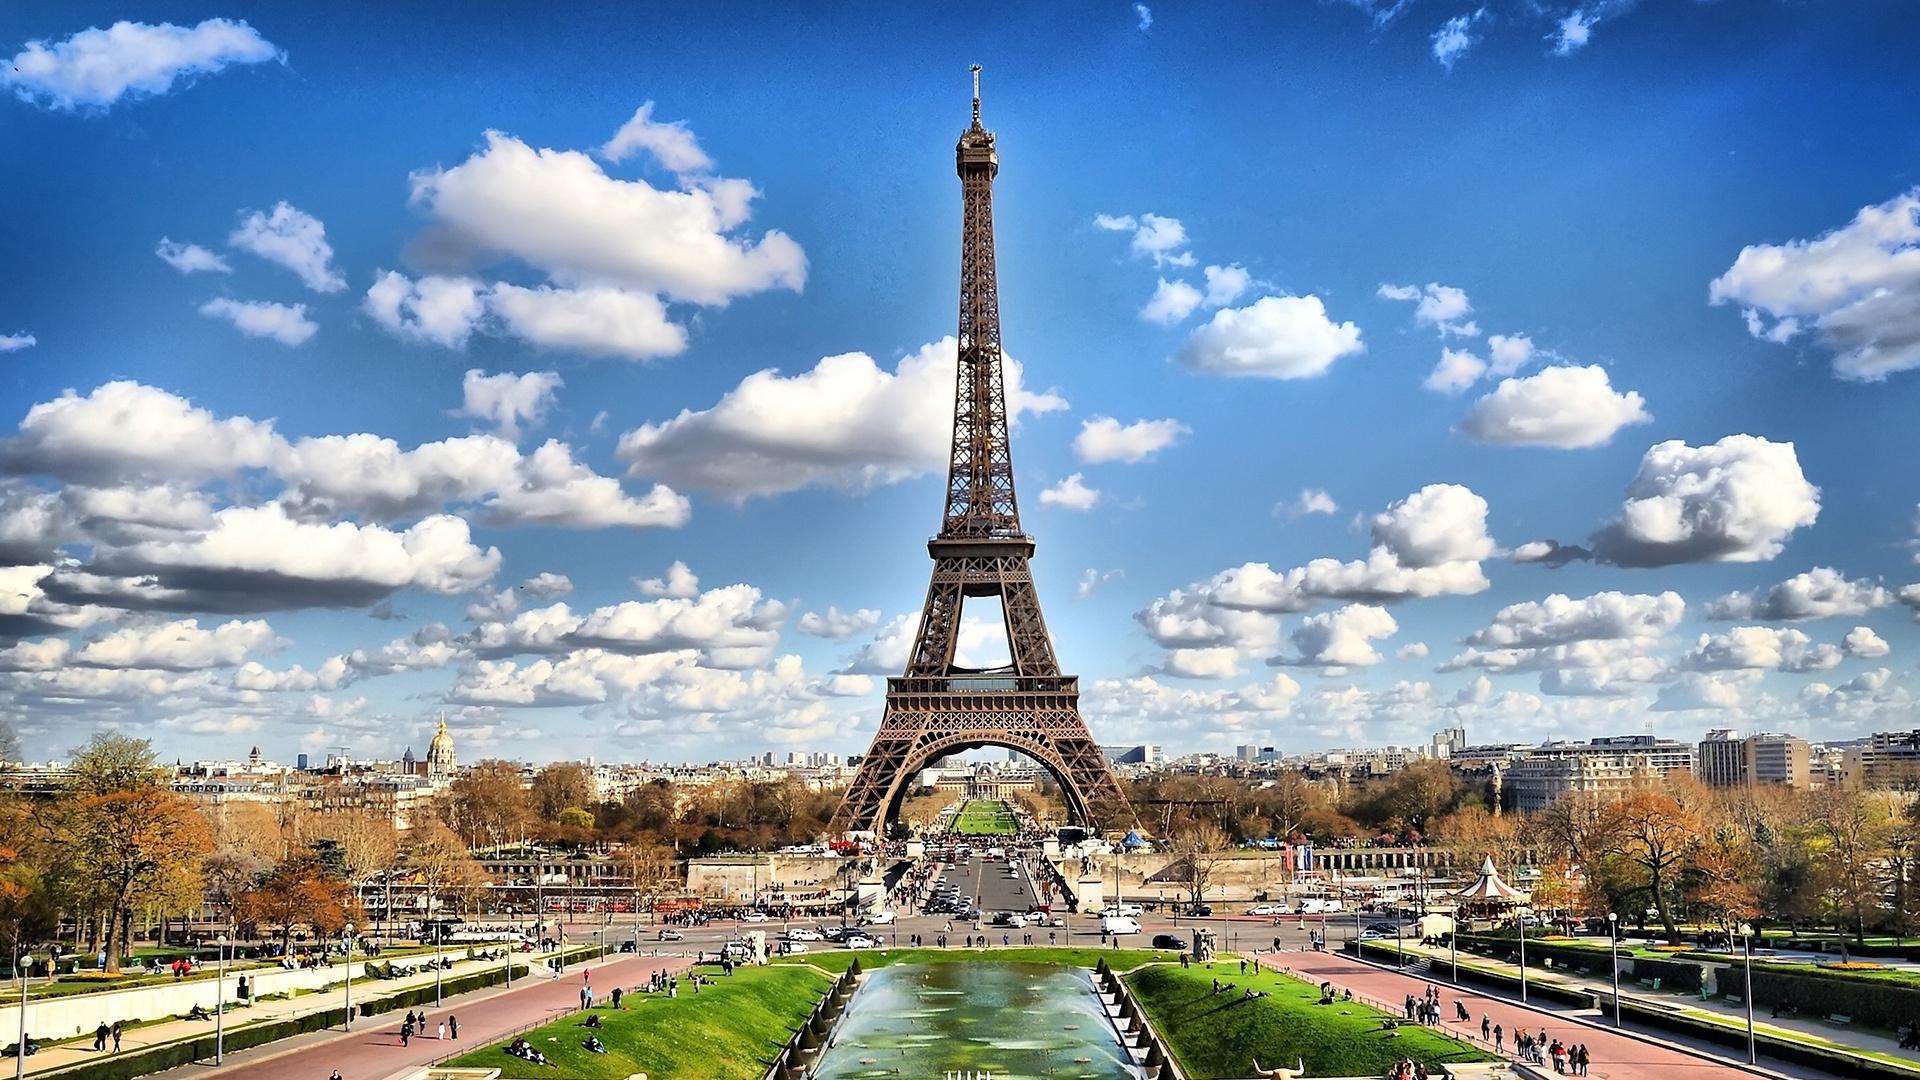 Paris City HD Wallpapers Paris City Desktop Images 1920x1080